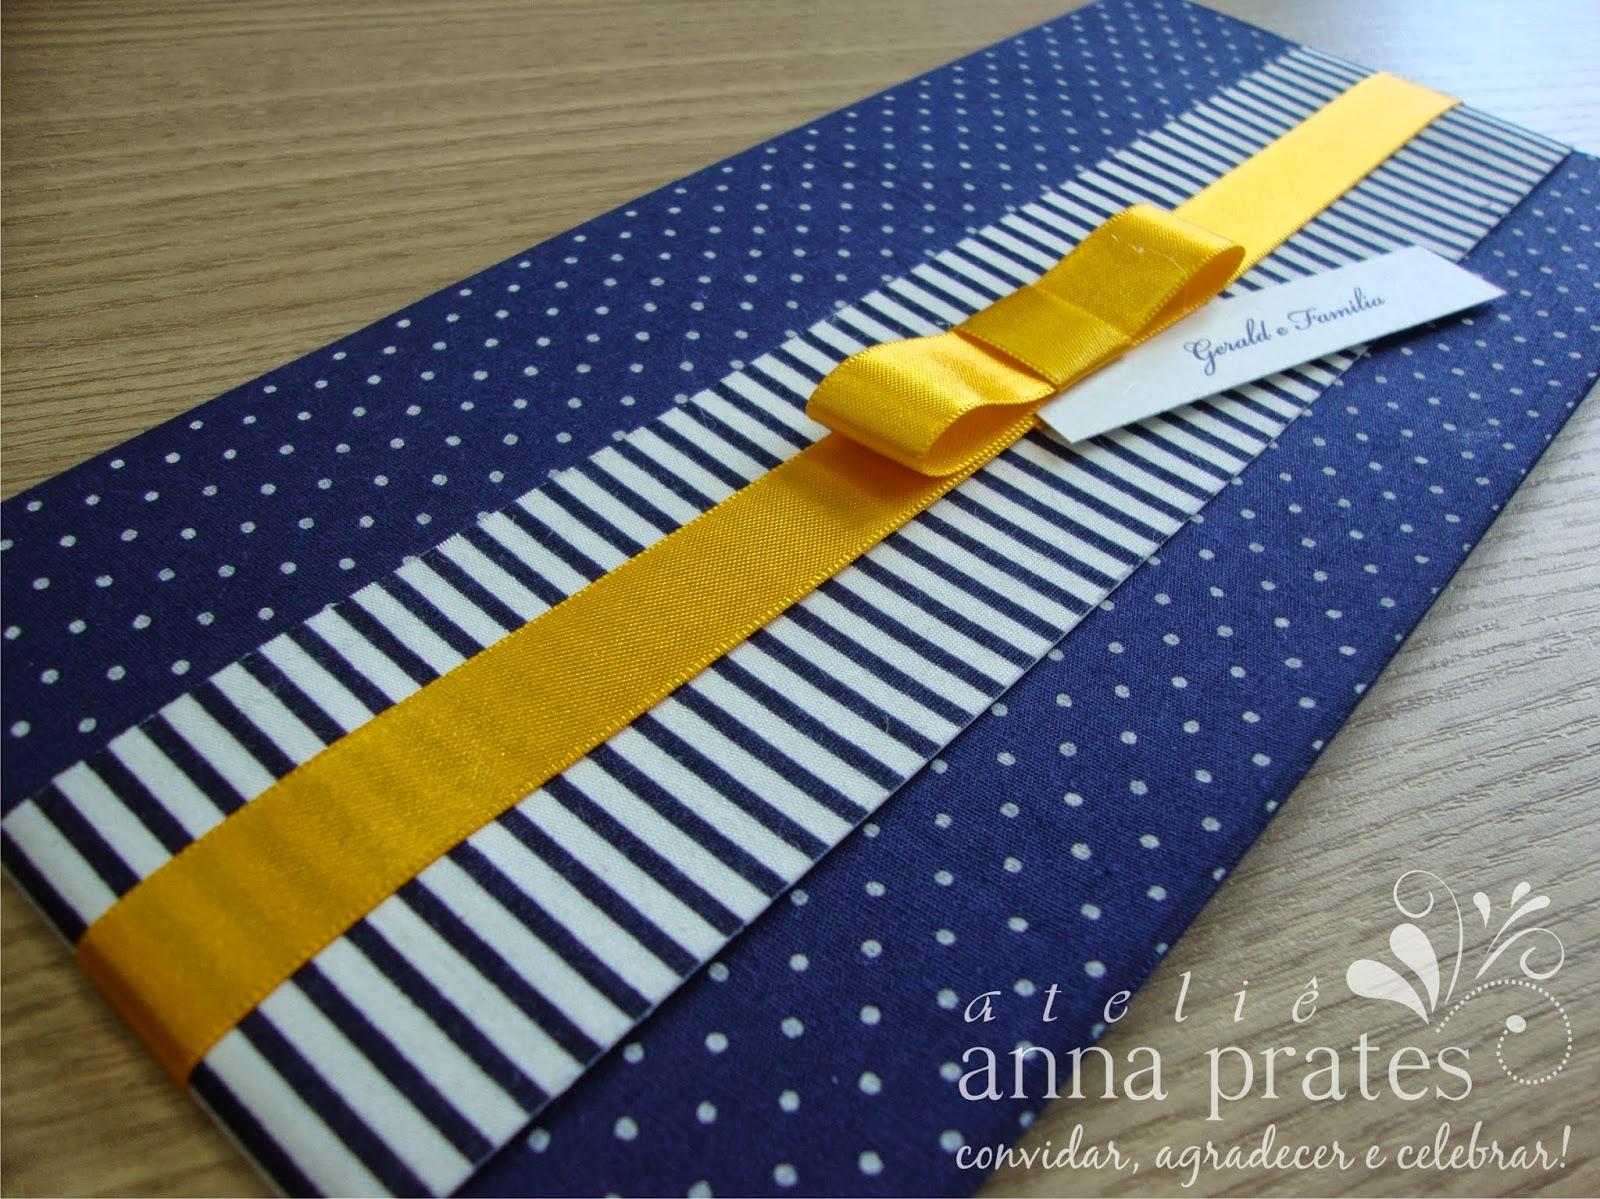 decoracao casamento azul marinho e amarelo : decoracao casamento azul marinho e amarelo: Festas: Convite com Tecido – Modelo Secret, em azul marinho e amarelo